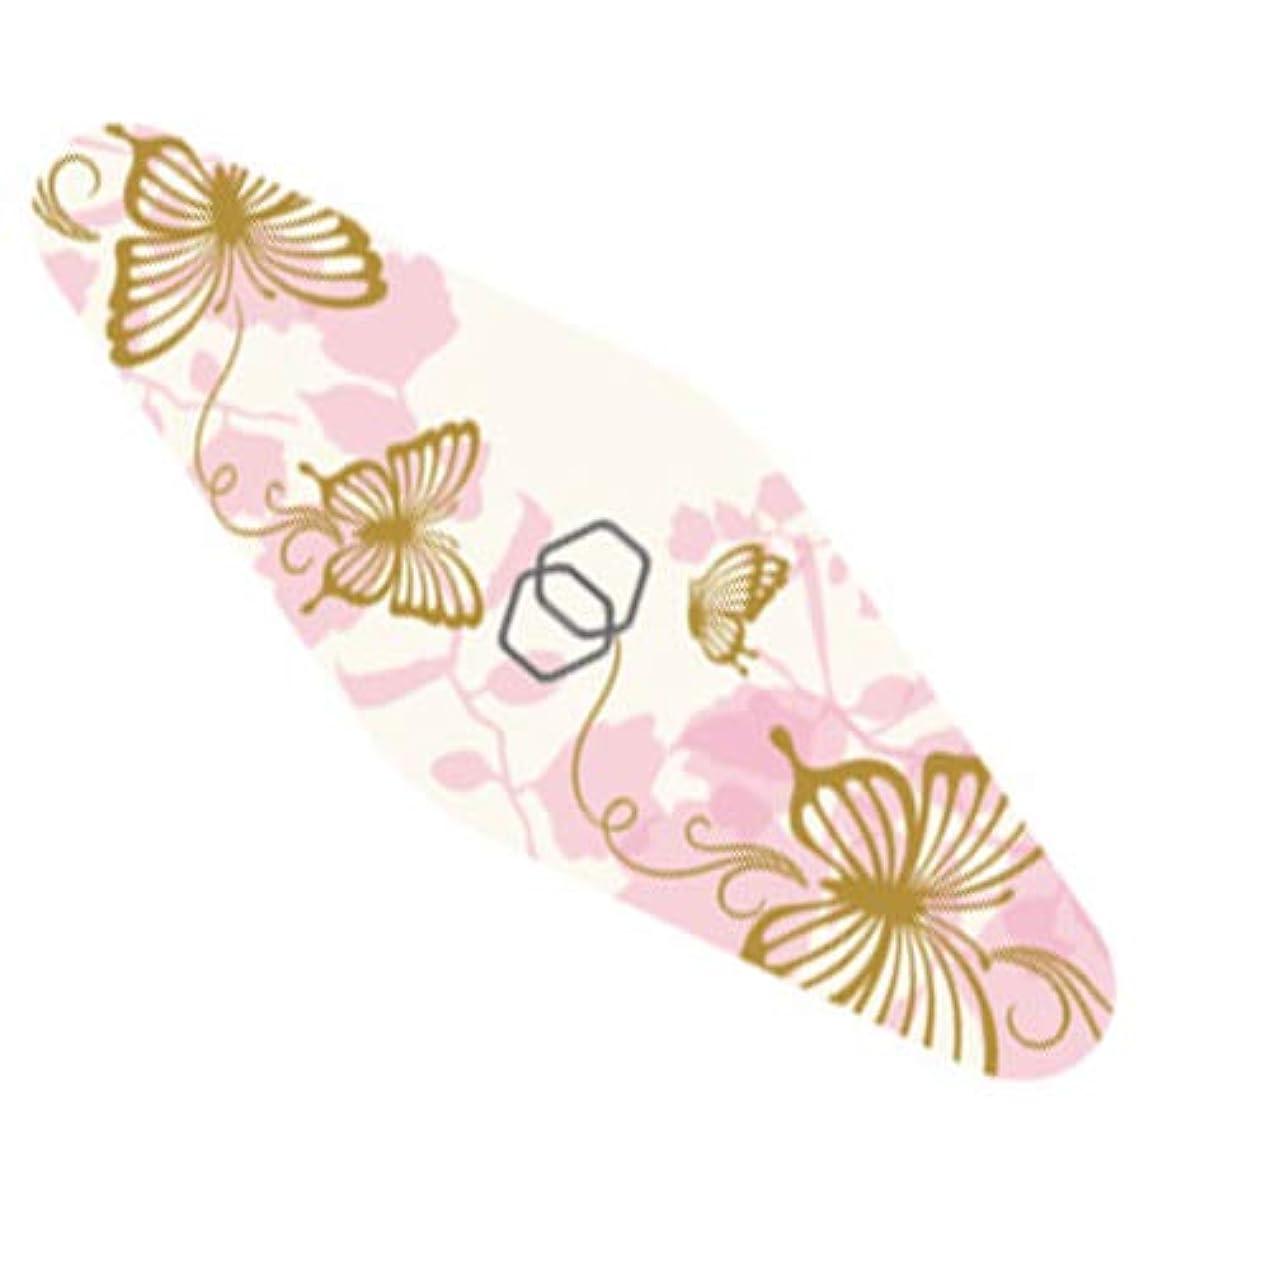 神社怒っているメタリックダイヤモンドネイルファイル キャリー ピンク蝶々